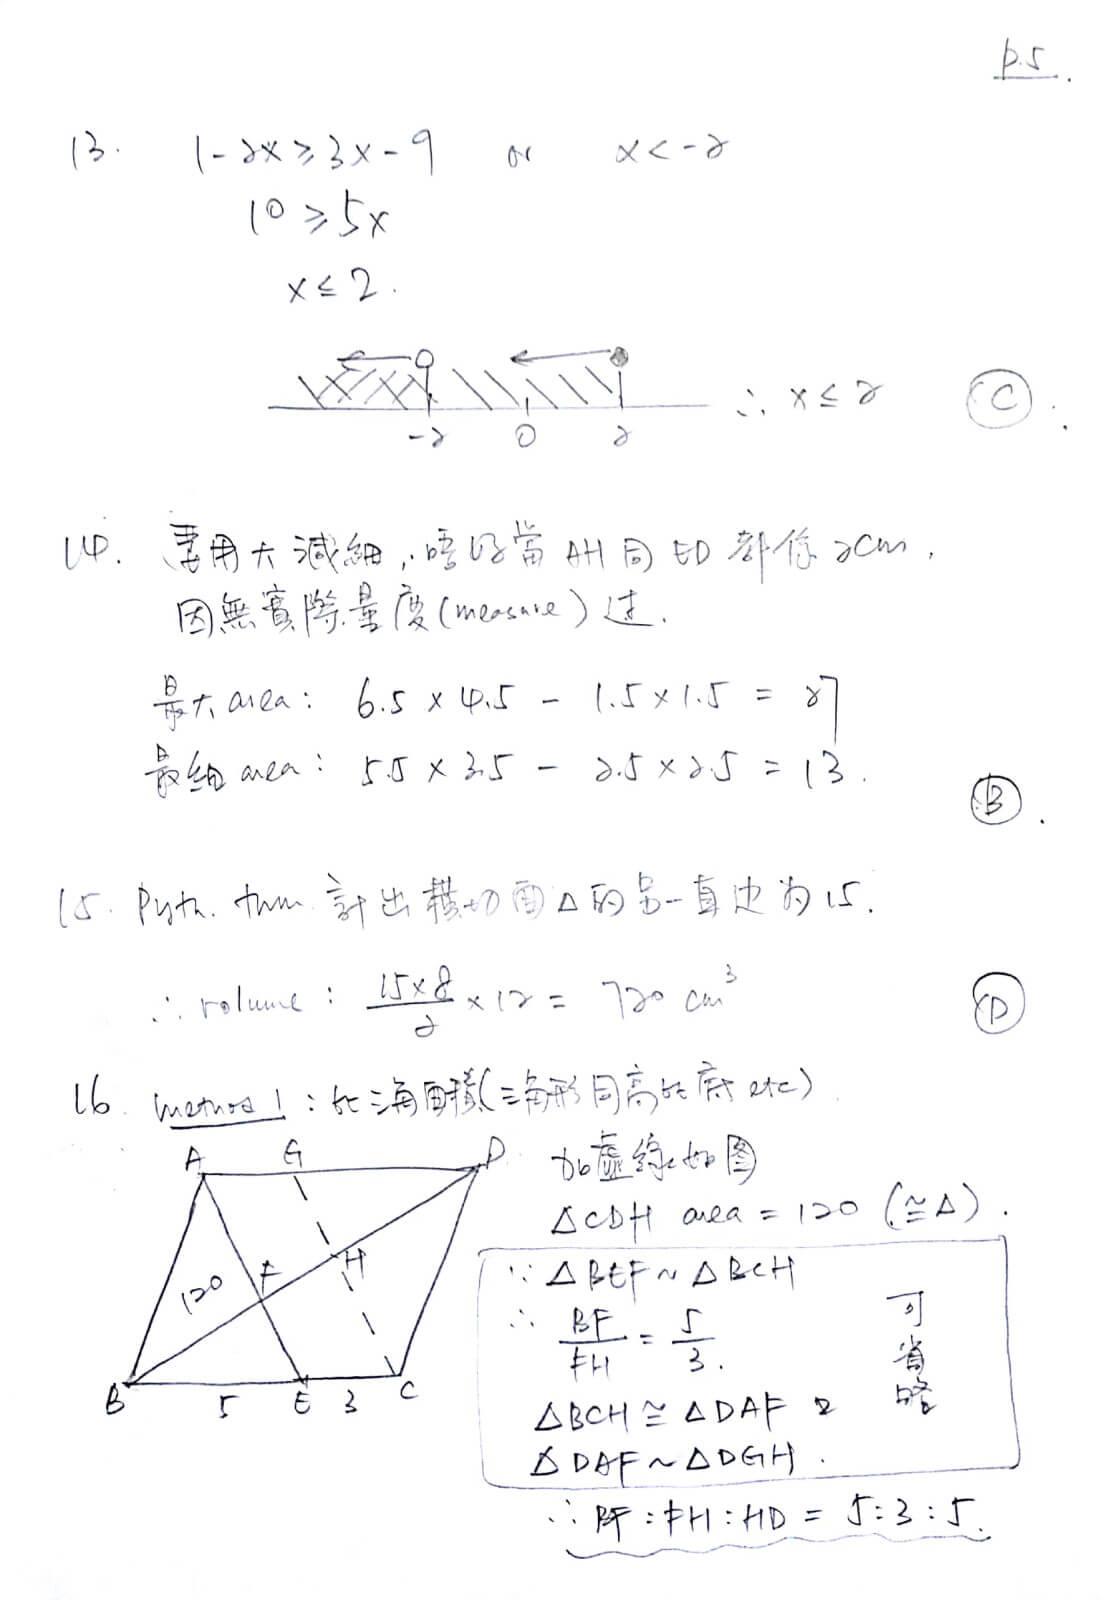 2018 DSE 數學卷二(MC) 詳細答案 Q13,14,15,16